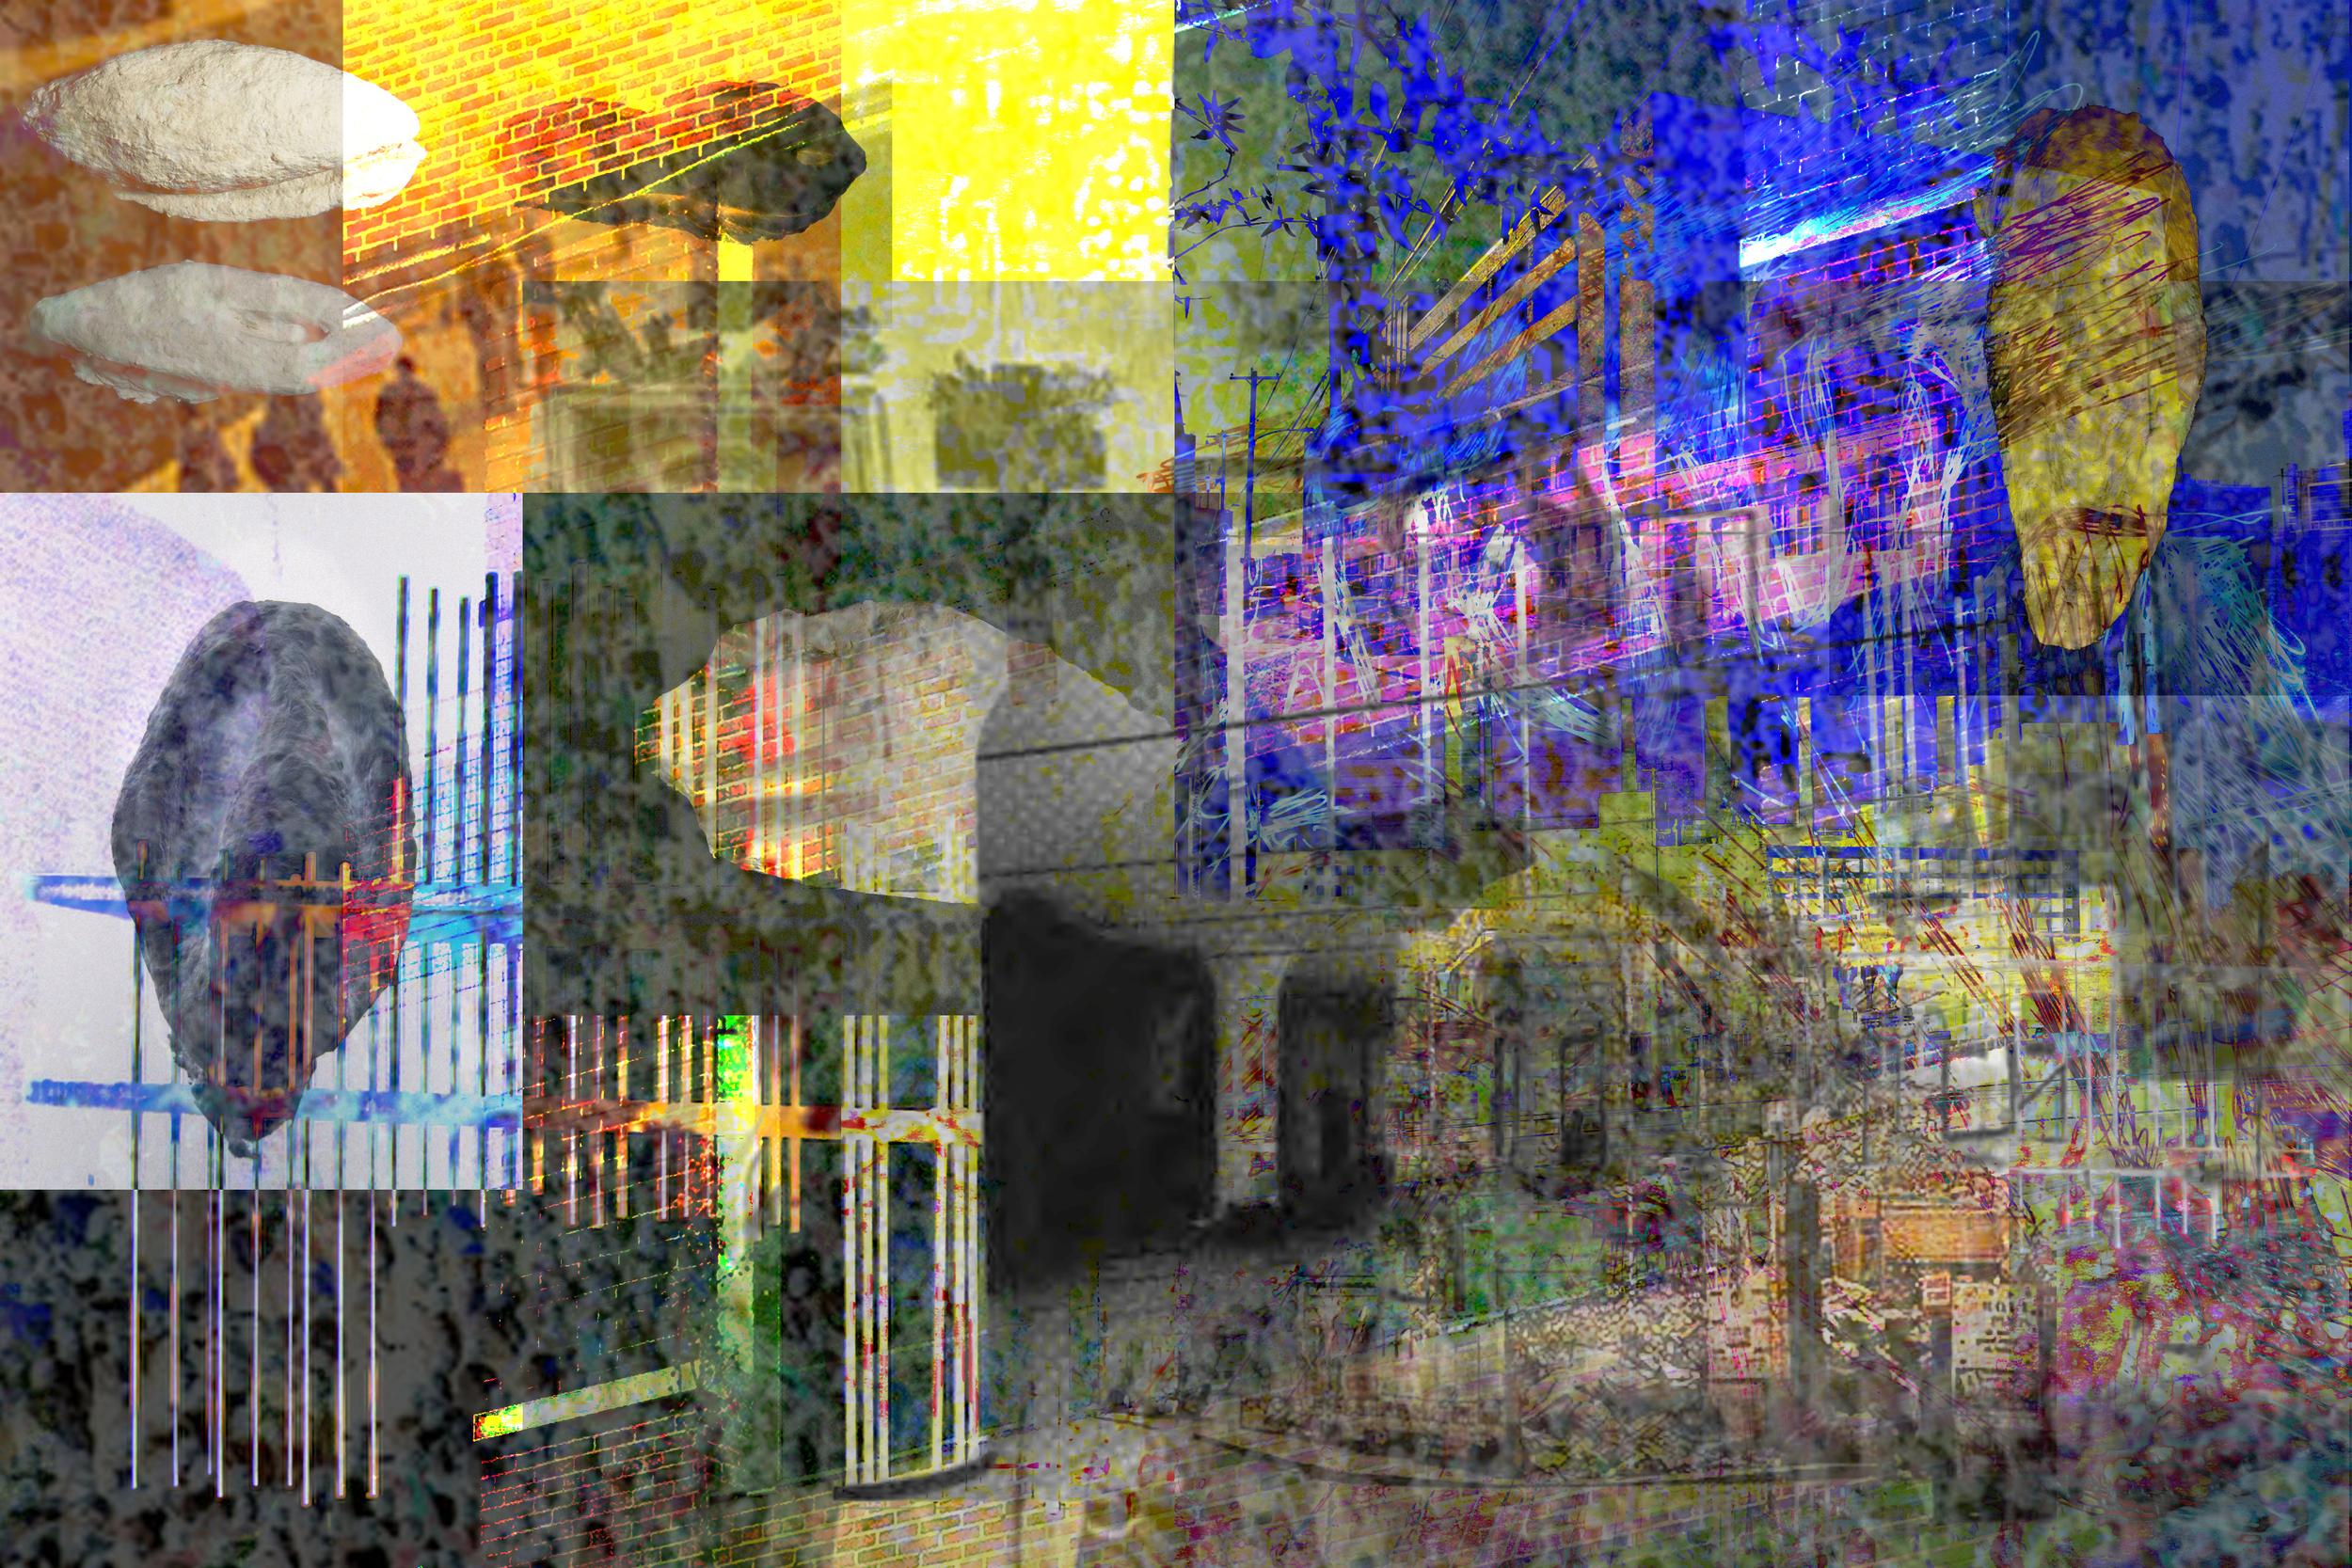 Trubiano_Hurcomb_706_collage1.jpg